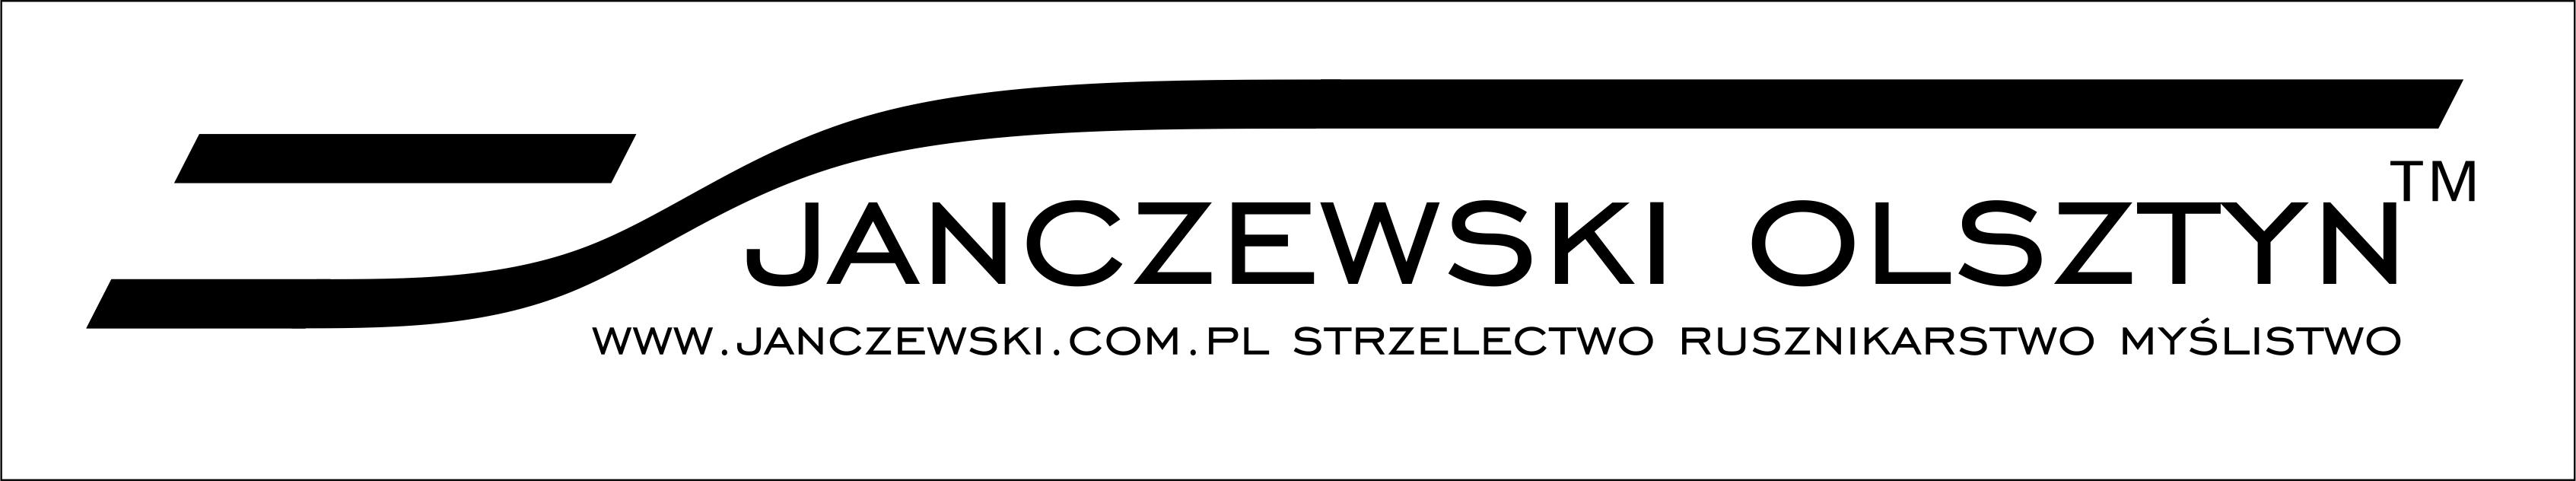 Sklep Myśliwski Zakład Rusznikarski Jan Janczewski